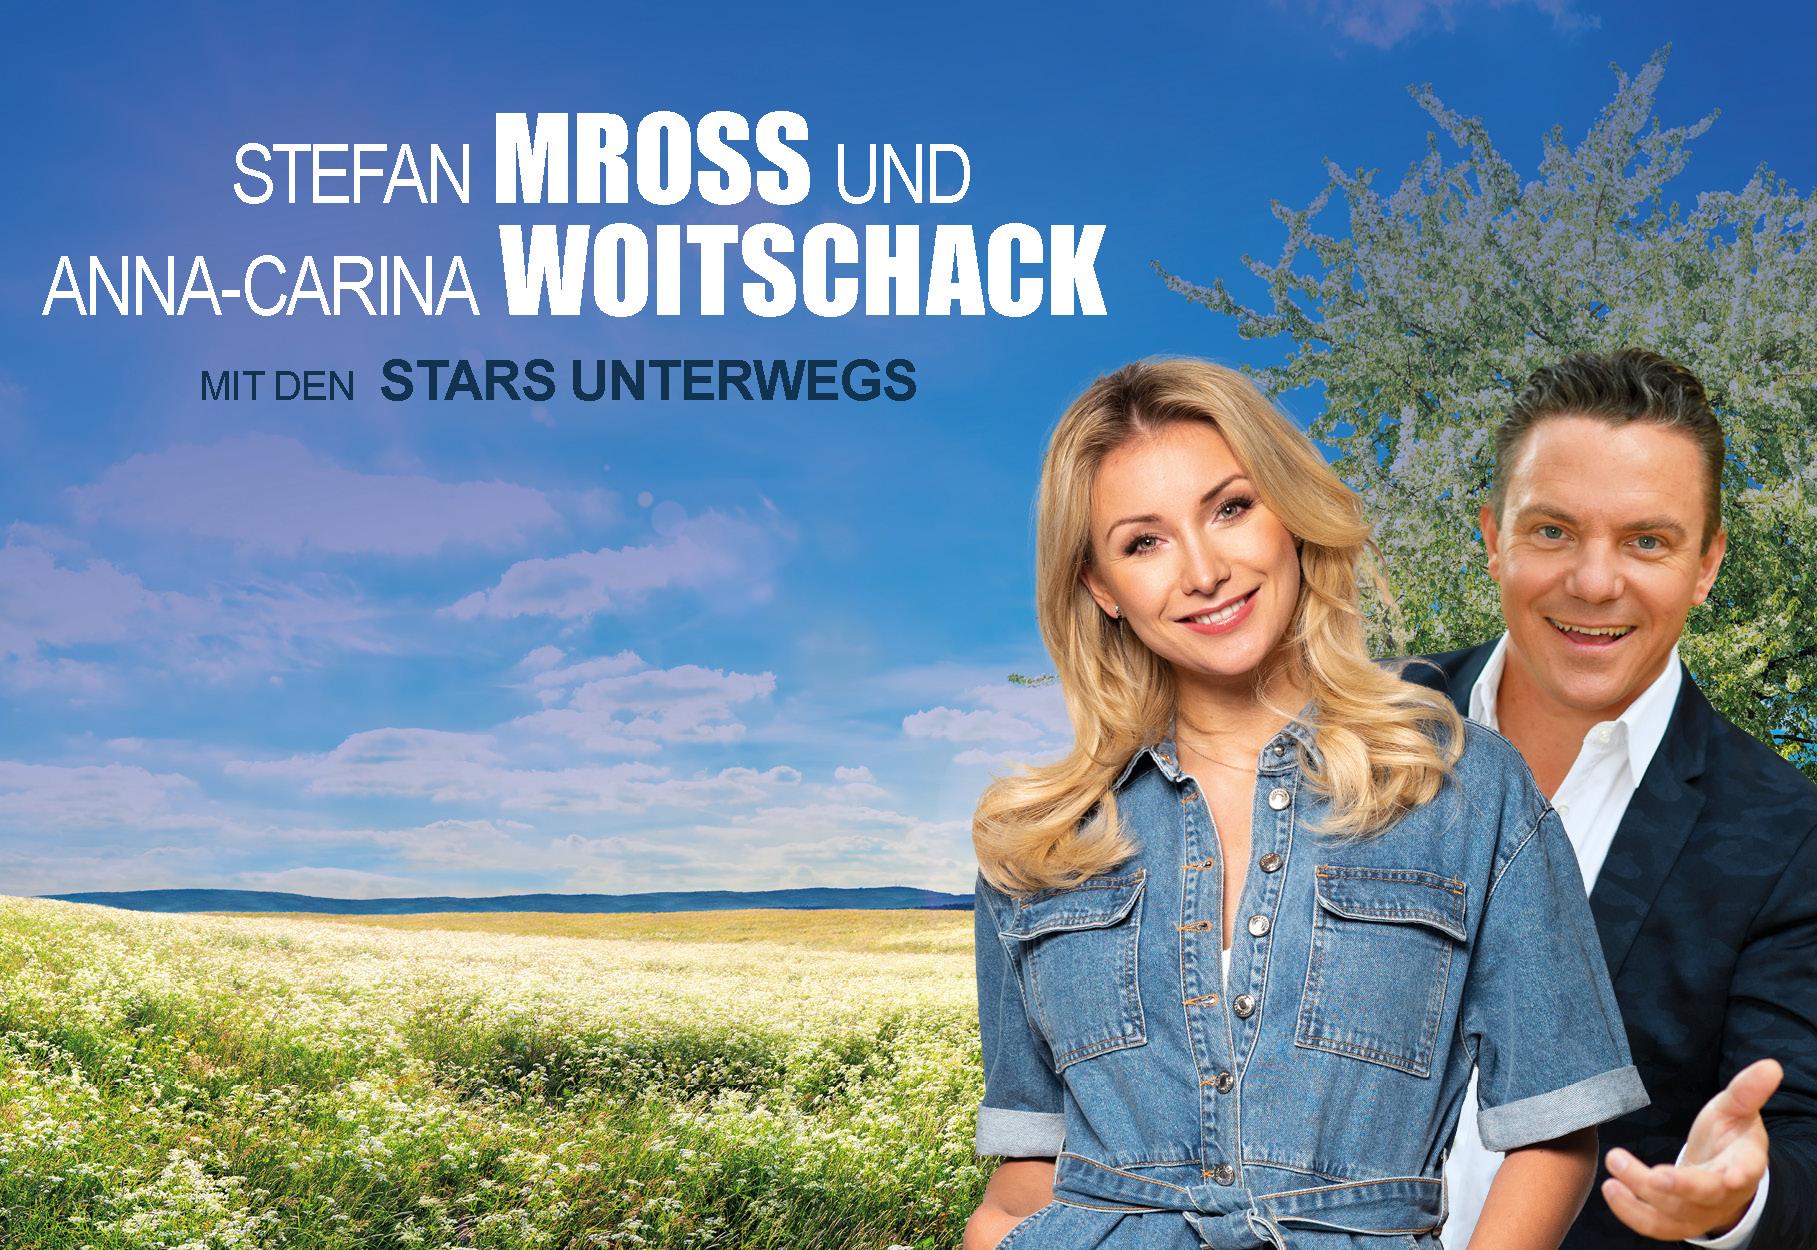 Stefan Mross und Anna-Carina Woitschak